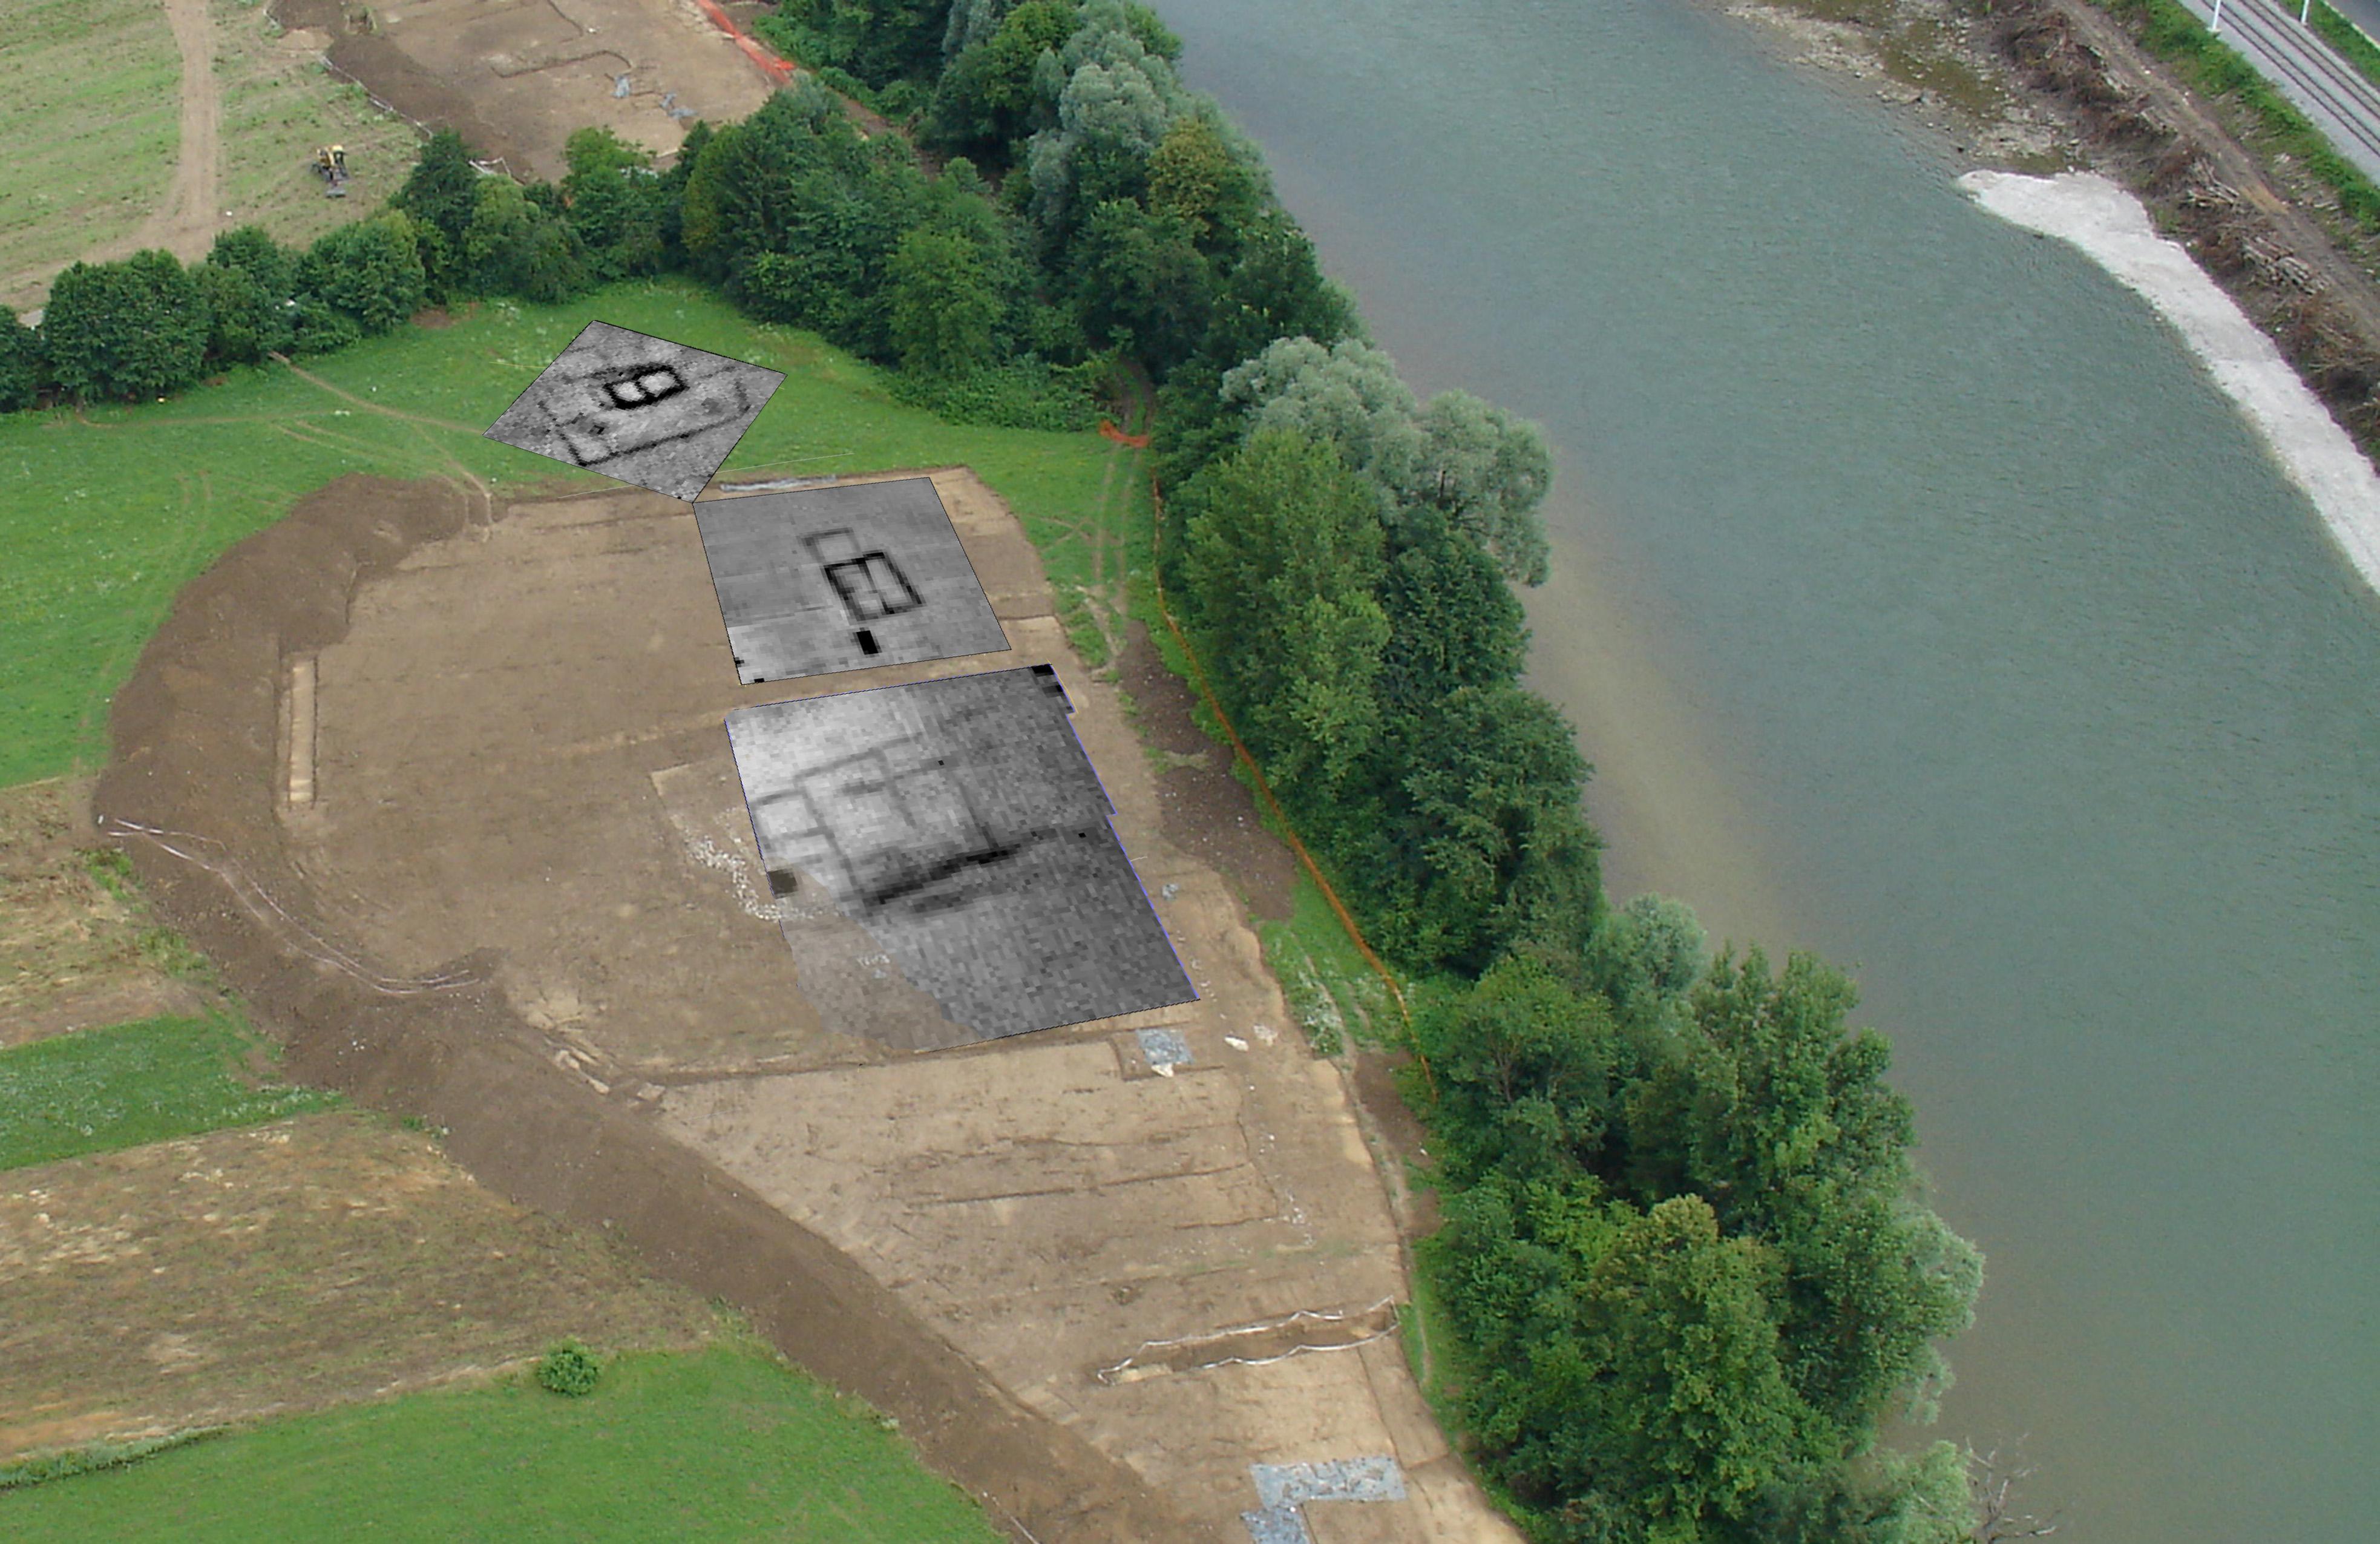 Pogled na najdišče Groblje (Log pri Sevnici) med izkopavanji. Aeroposnetku območja med izkopavanji so dodani rezultati geofizikalne upornostne metode, ki so pokazali ostanke treh skupin objektov